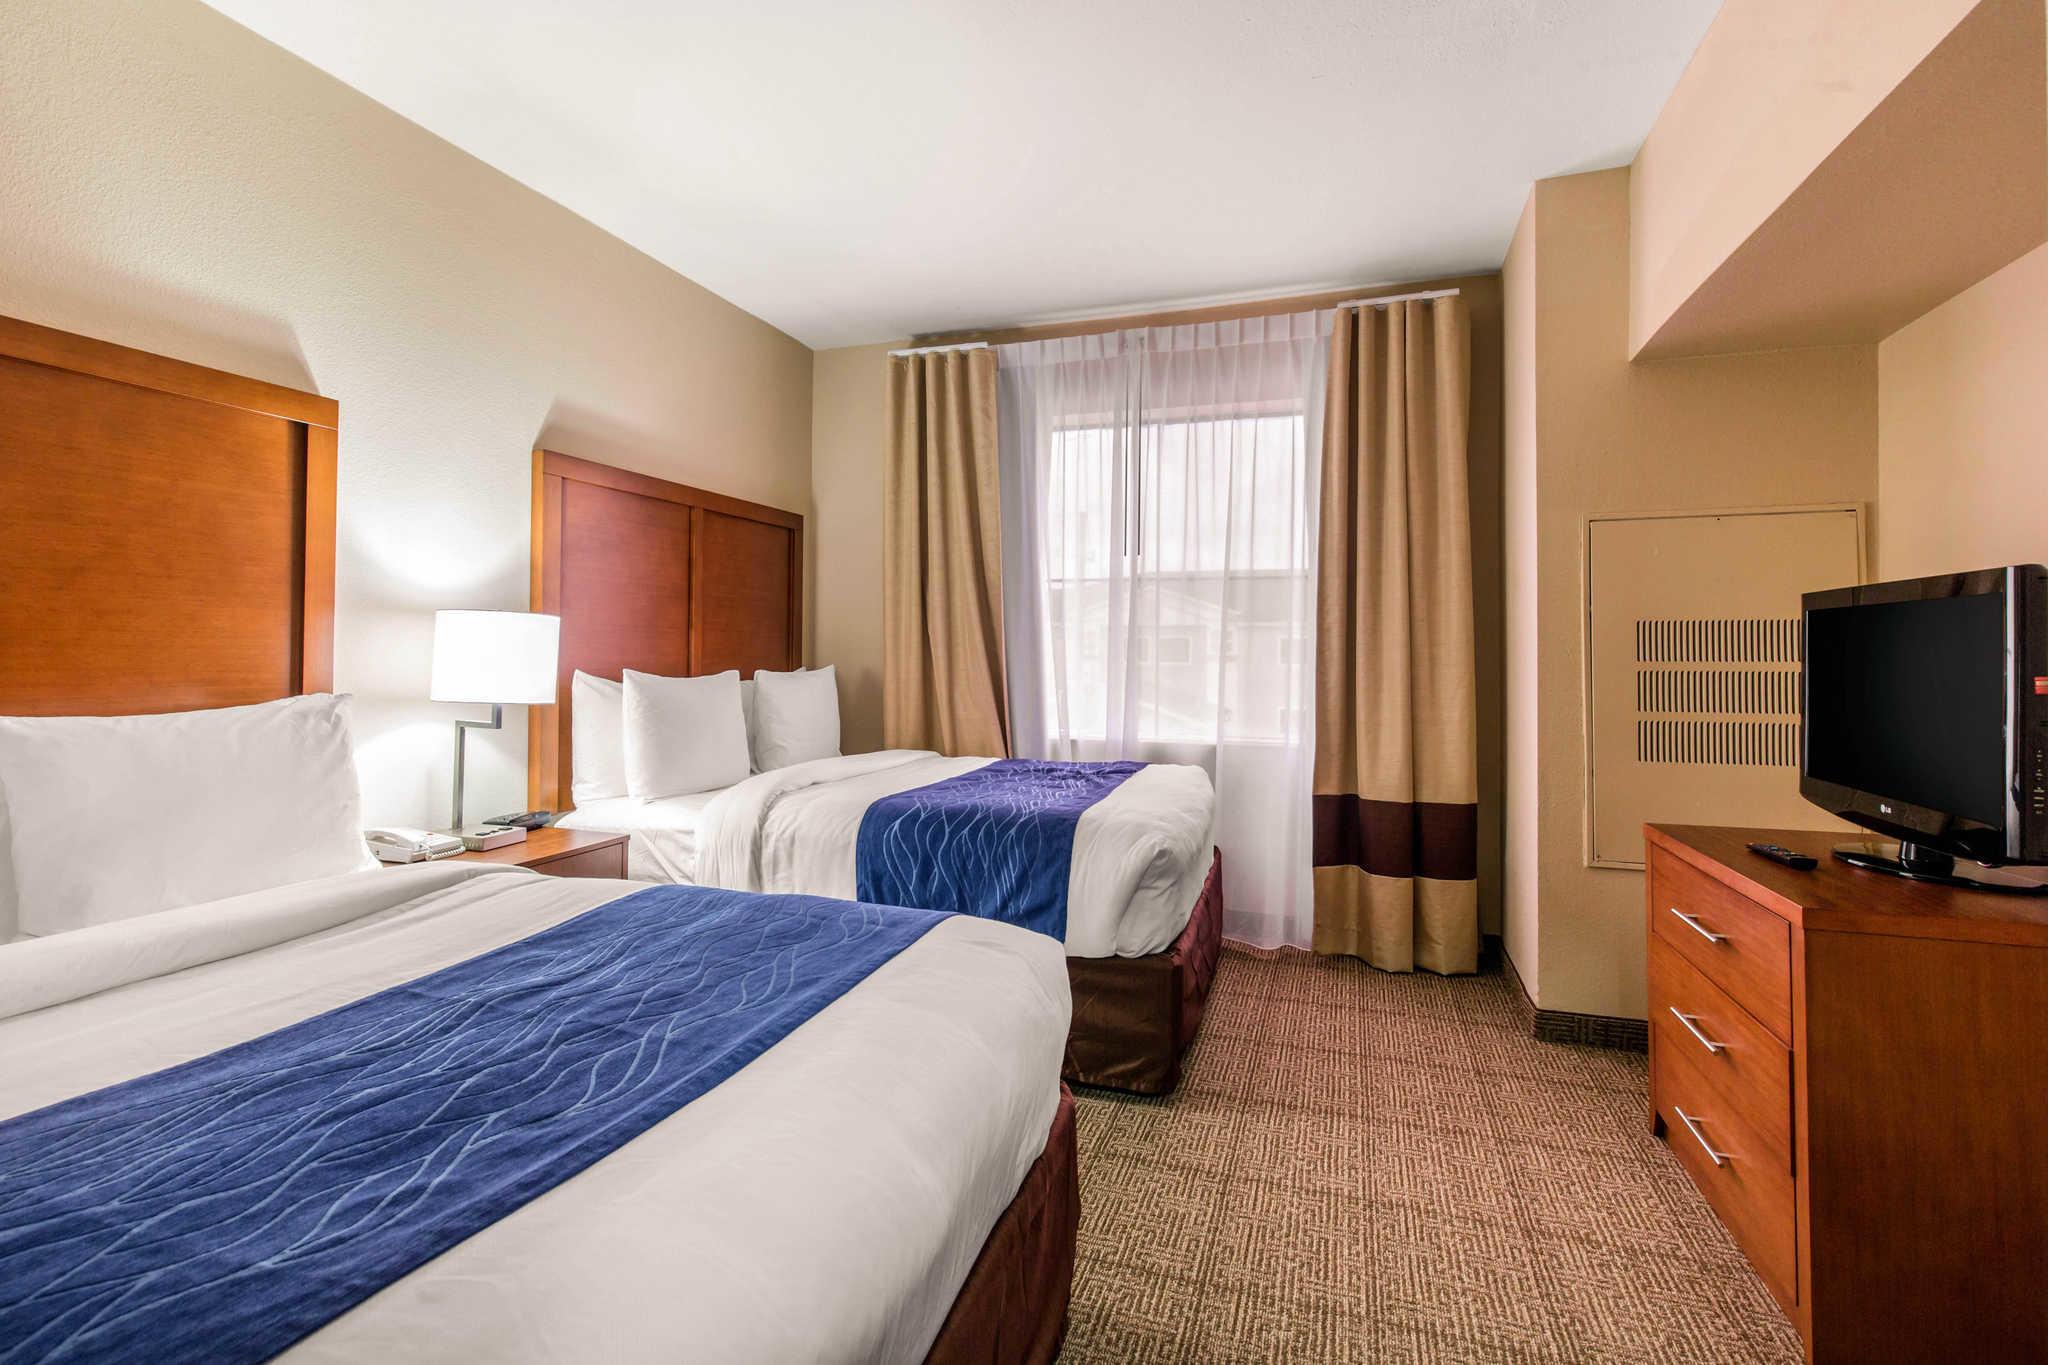 Comfort Inn Amp Suites Iah Bush Airport East Humble Texas